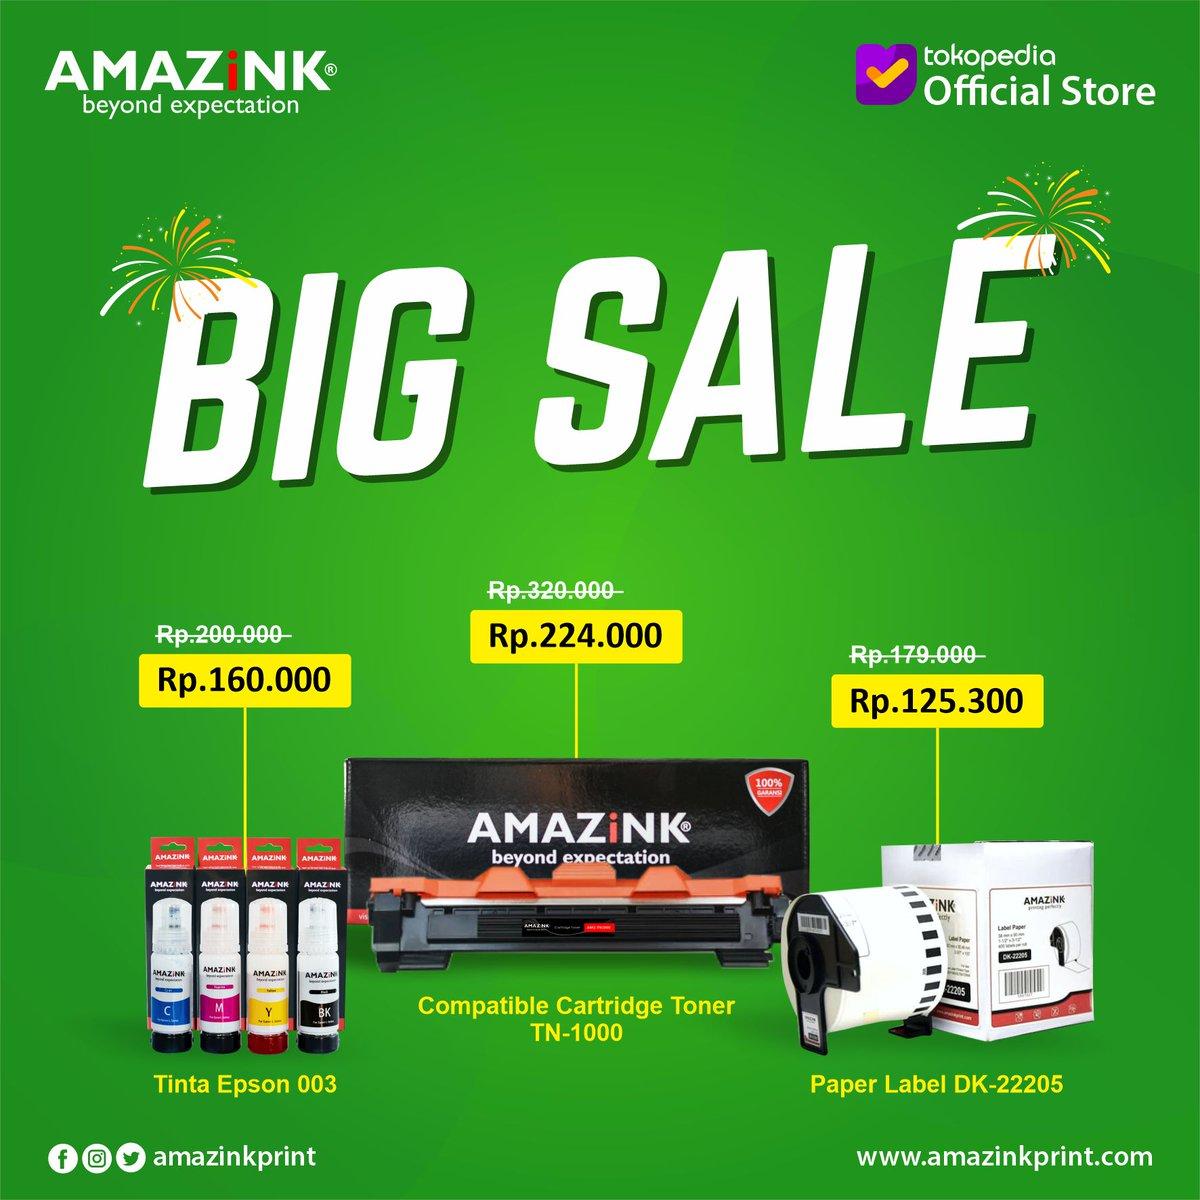 Hi Amazink People... Dapatkan potongan harga sebesar 30% untuk setiap pembelian produk AMAZiNK di Official Store AMAZiNK di Tokopedia. Promo berlaku hingga 28 Juni 2020.    #amazink #beyondexpectation #promo #tintaprinter #sale #diskon #tintaok #tintahp